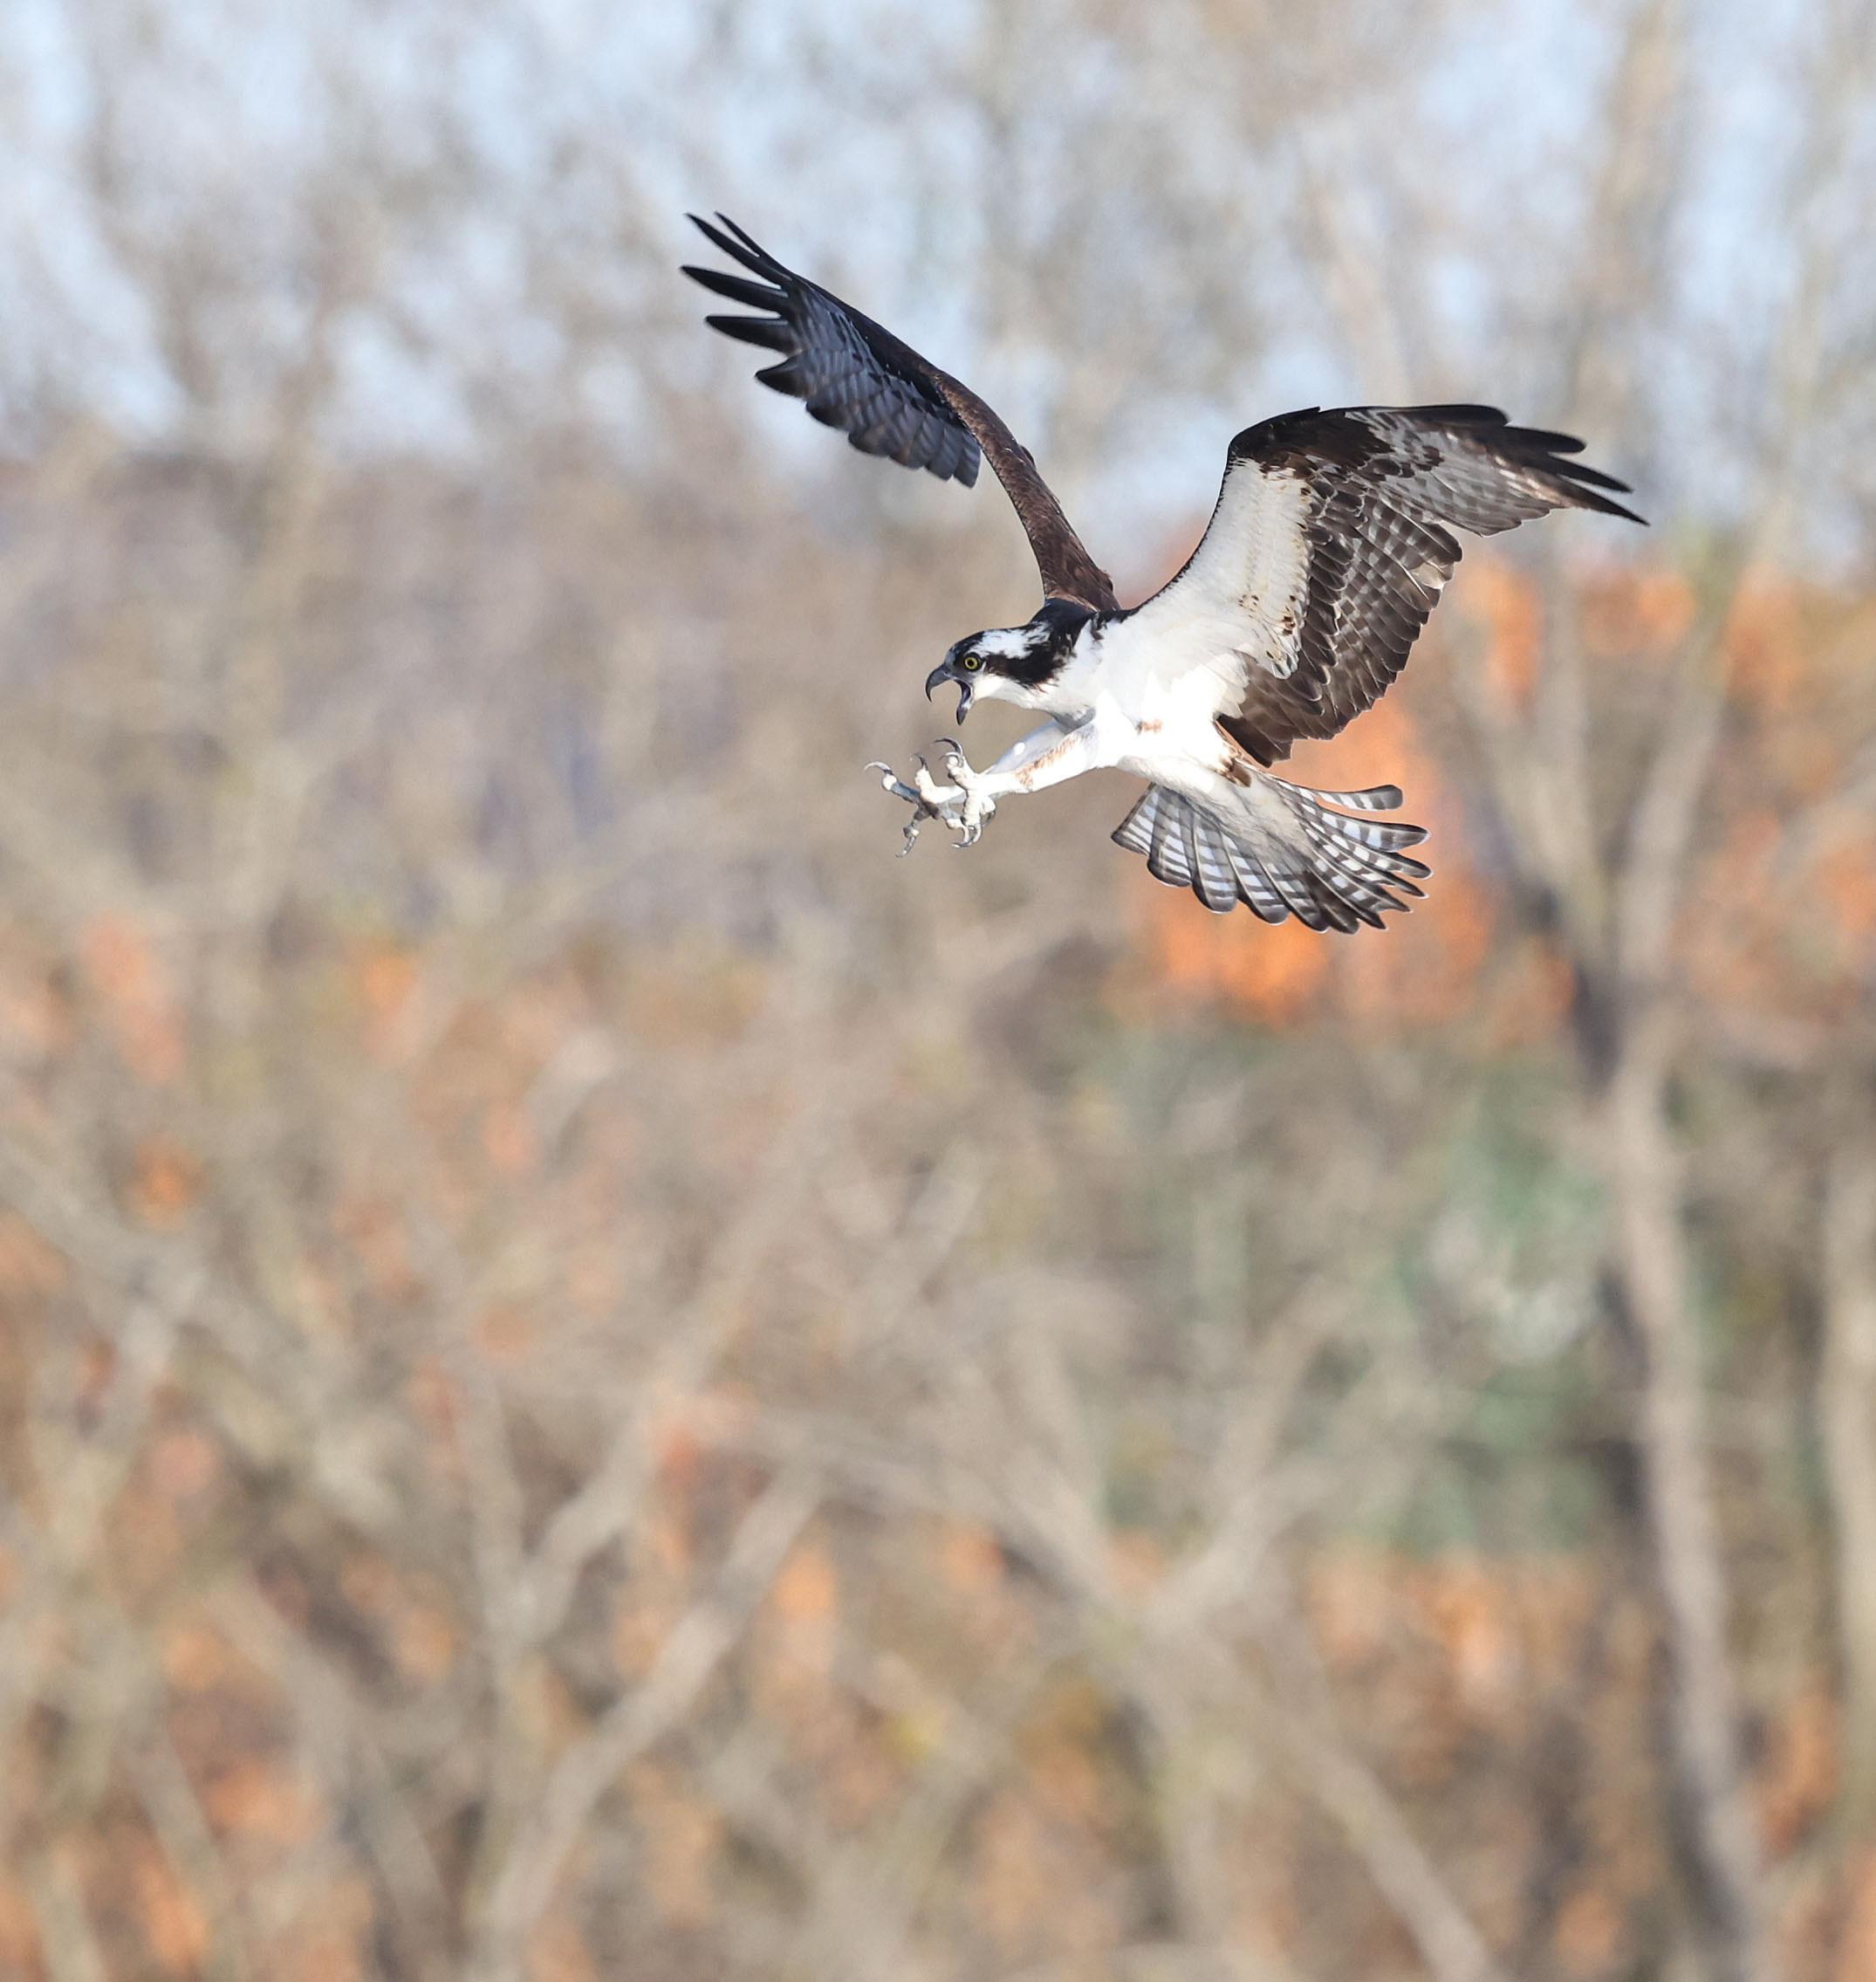 Male Osprey defending nest